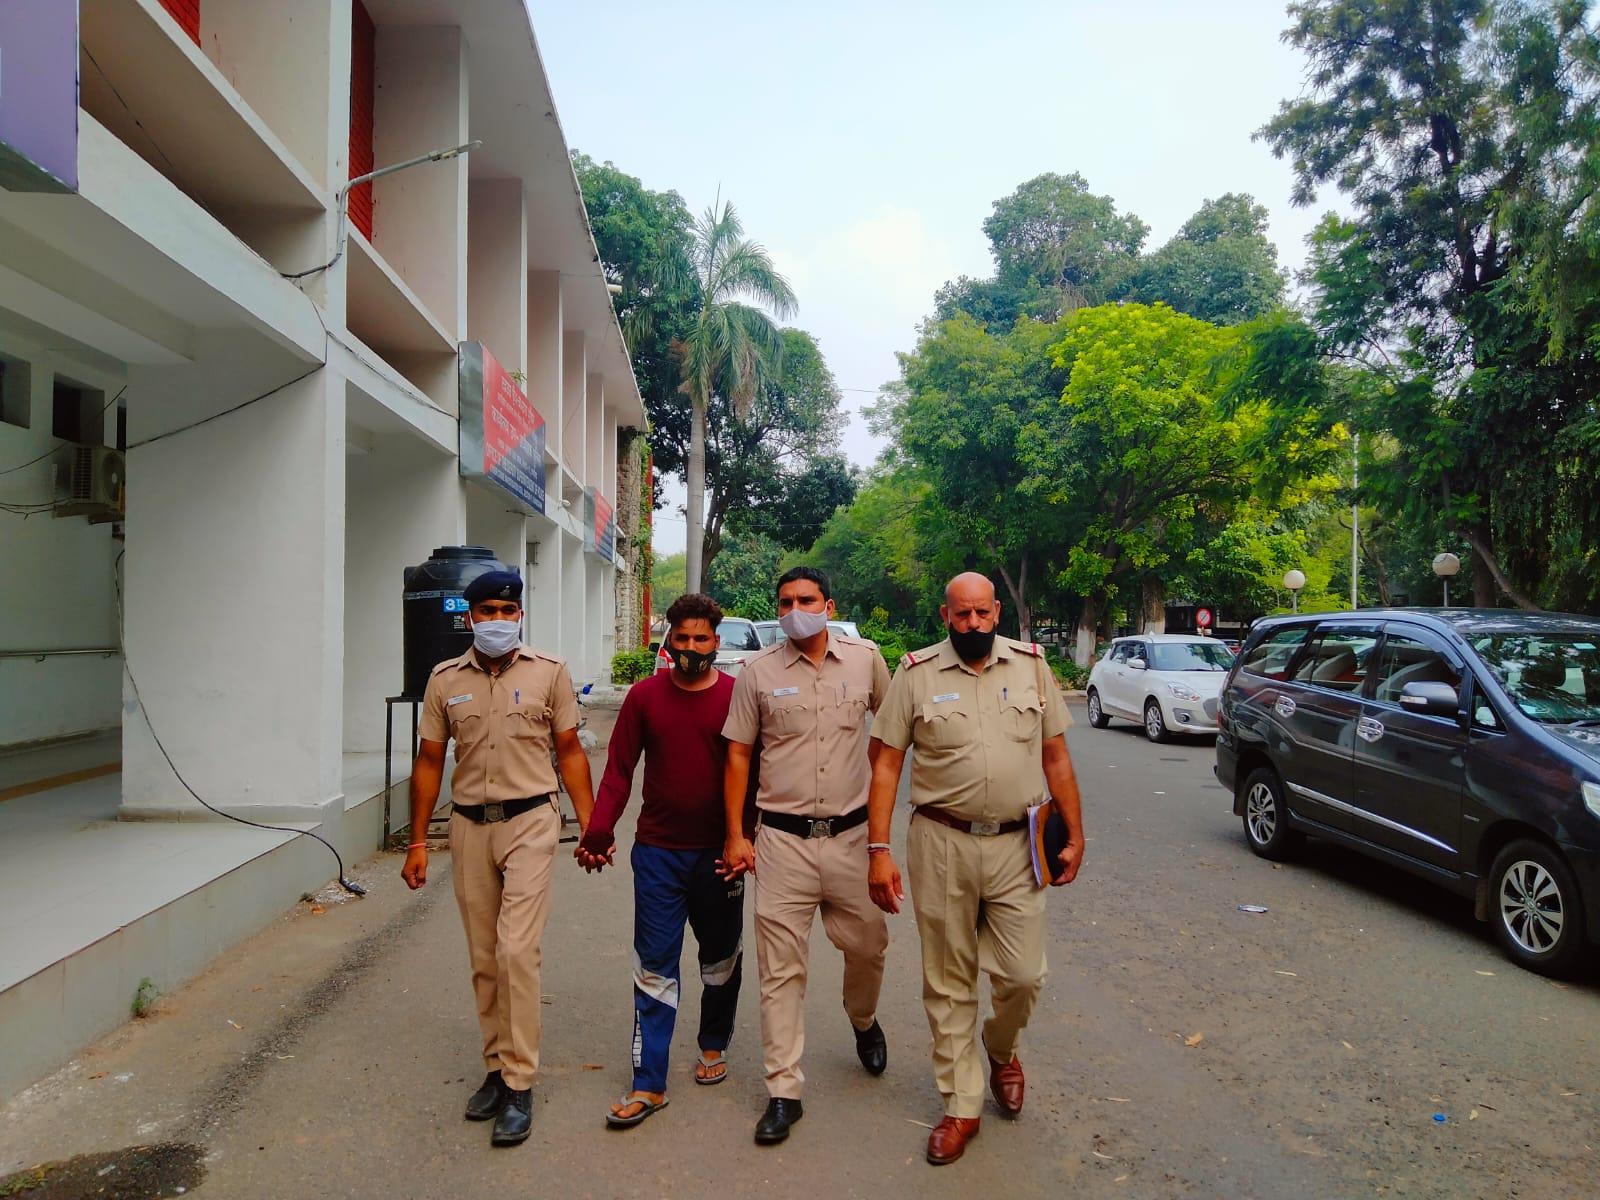 गैंगस्टरों के संपर्क में रहता था; देसी कट्टा और कारतूस बरामद, किसी बड़ी वारदात को अंजाम देने की फिराक में था|चंडीगढ़,Chandigarh - Dainik Bhaskar